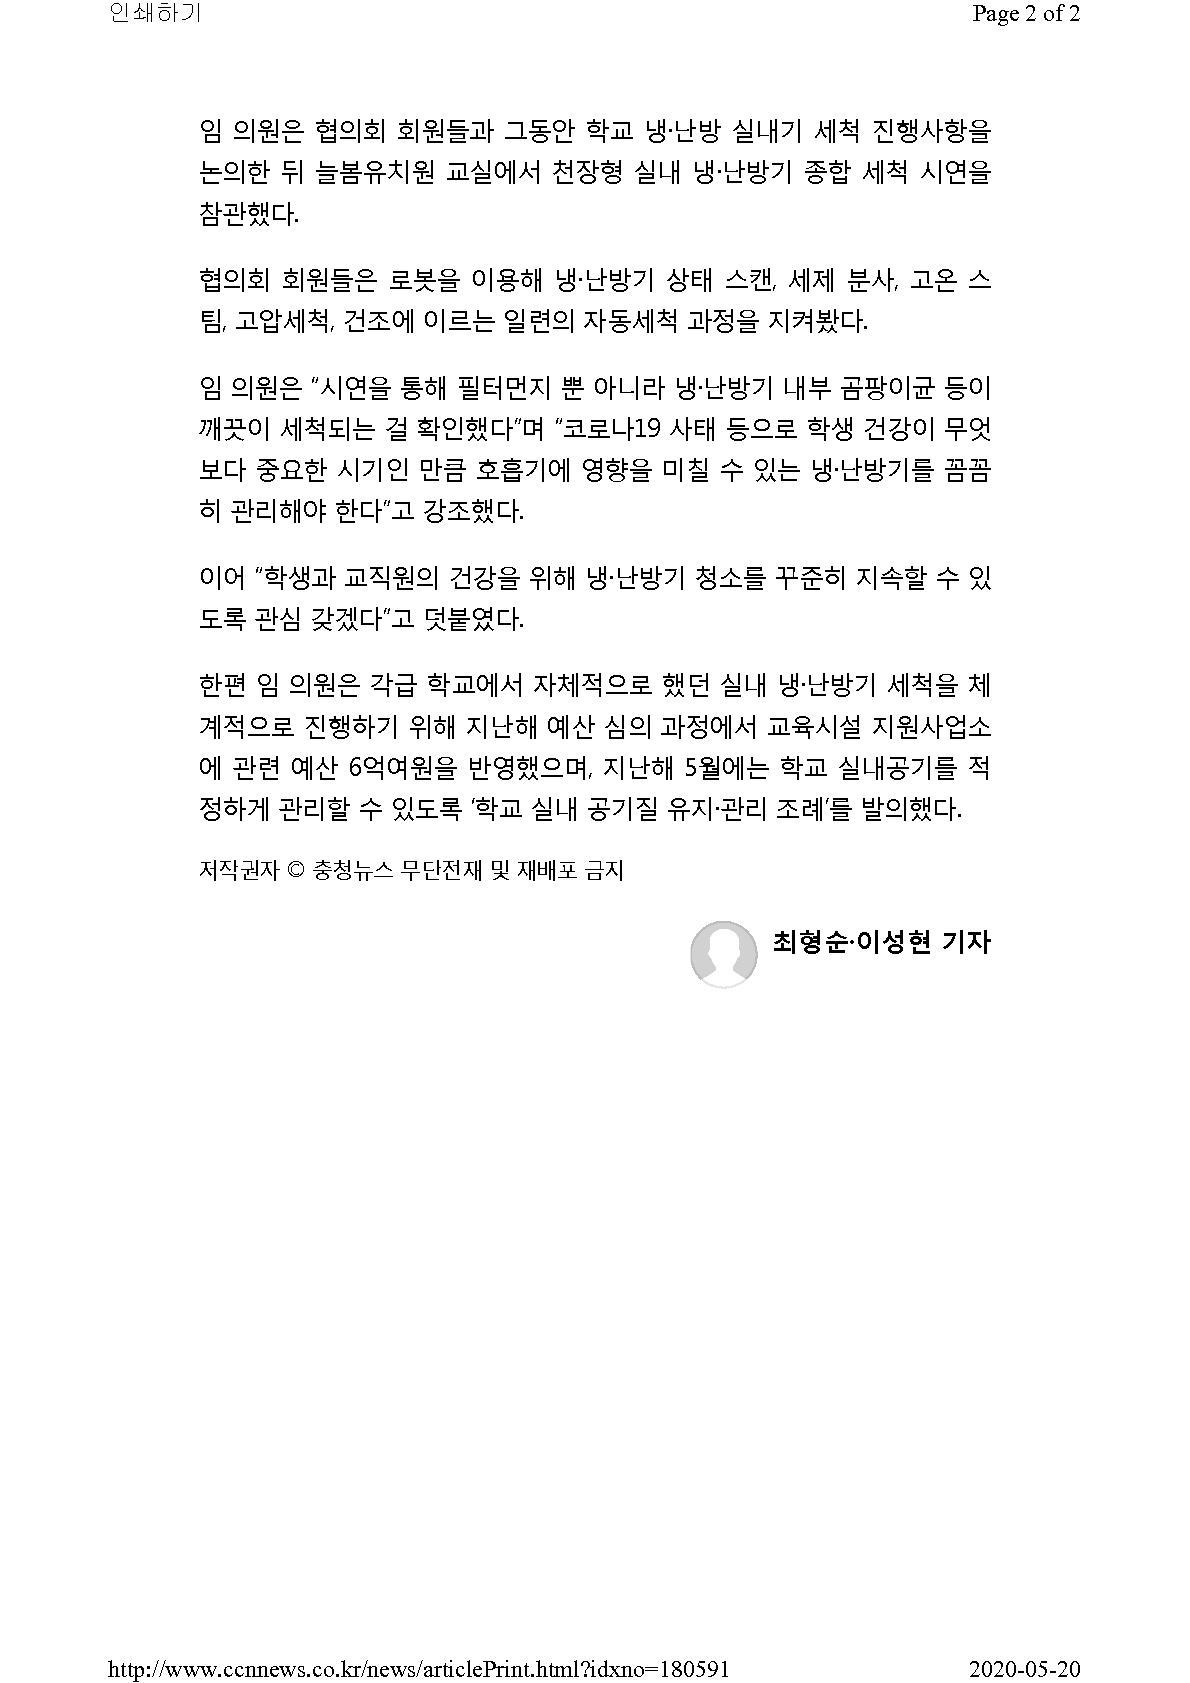 교실 냉난방기 자동체척 로봇 도입 주목_2.jpg